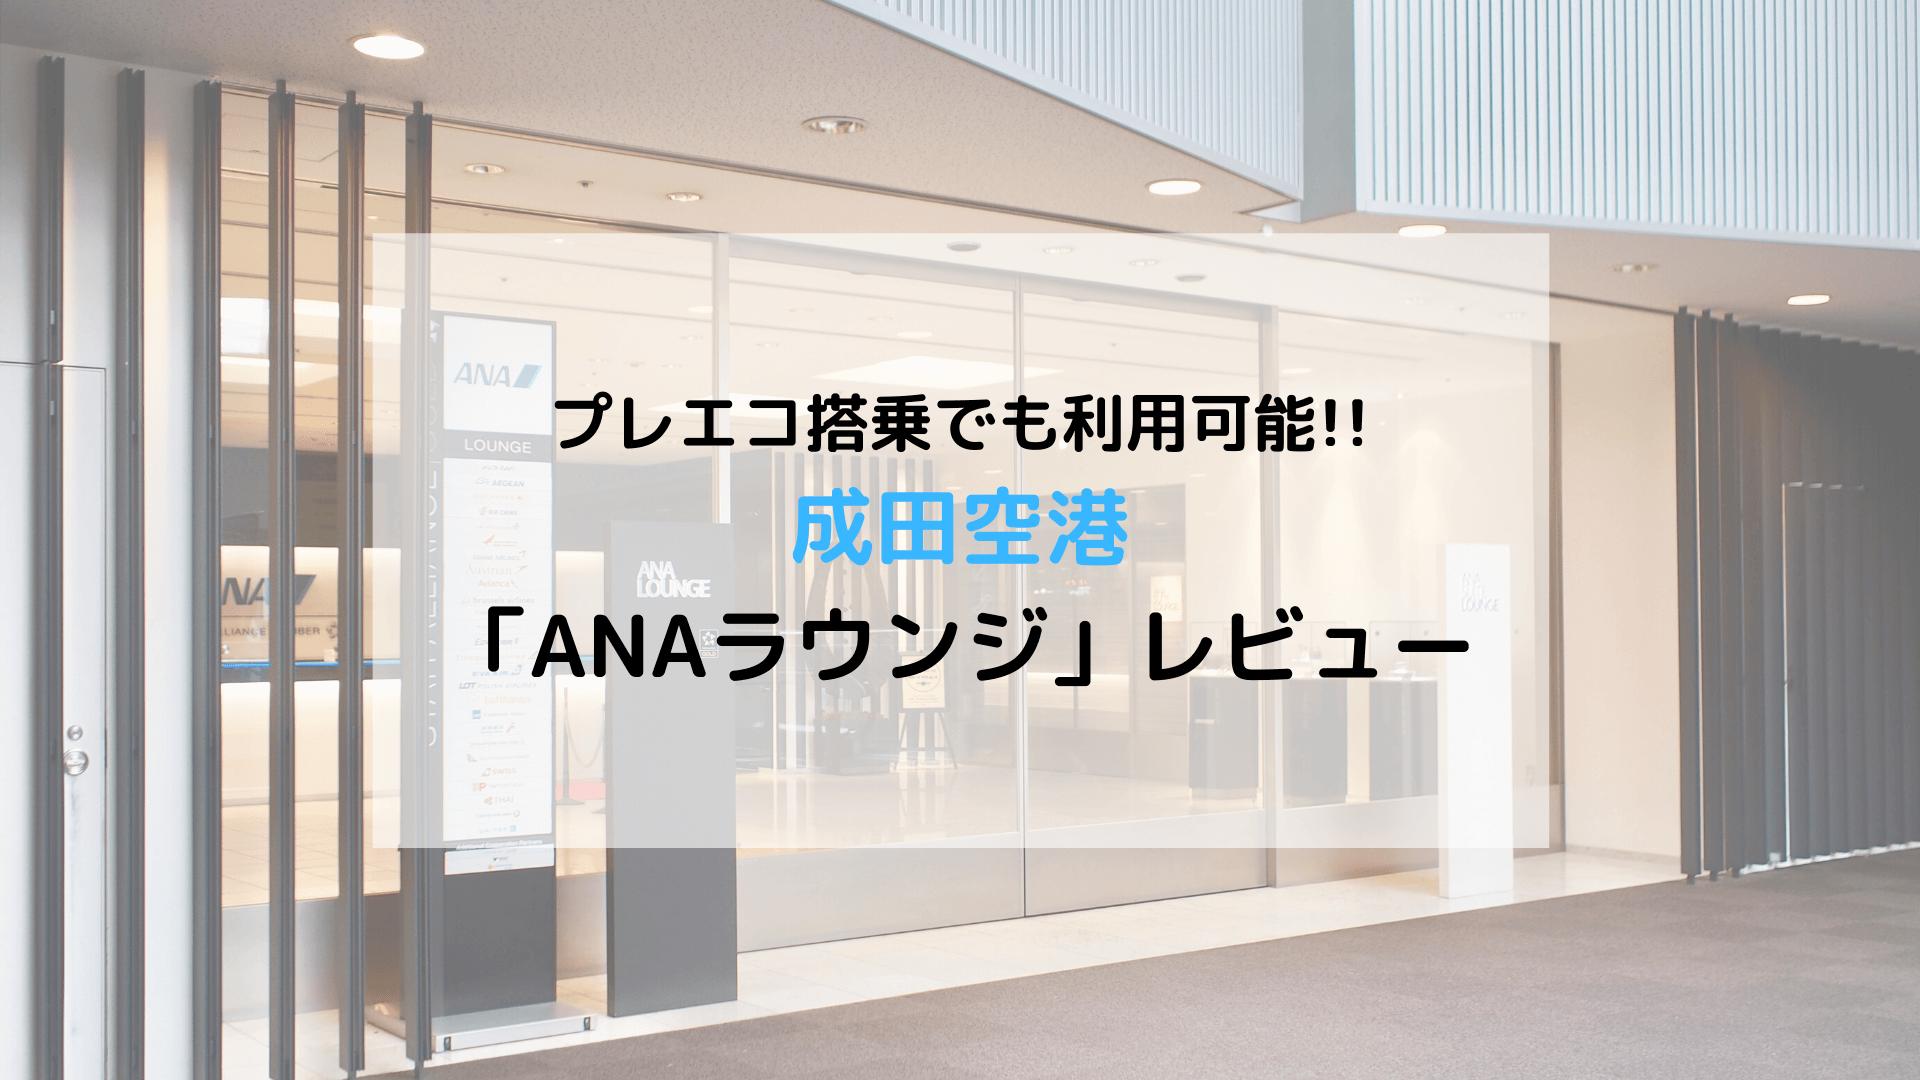 成田空港ANAラウンジレビュー